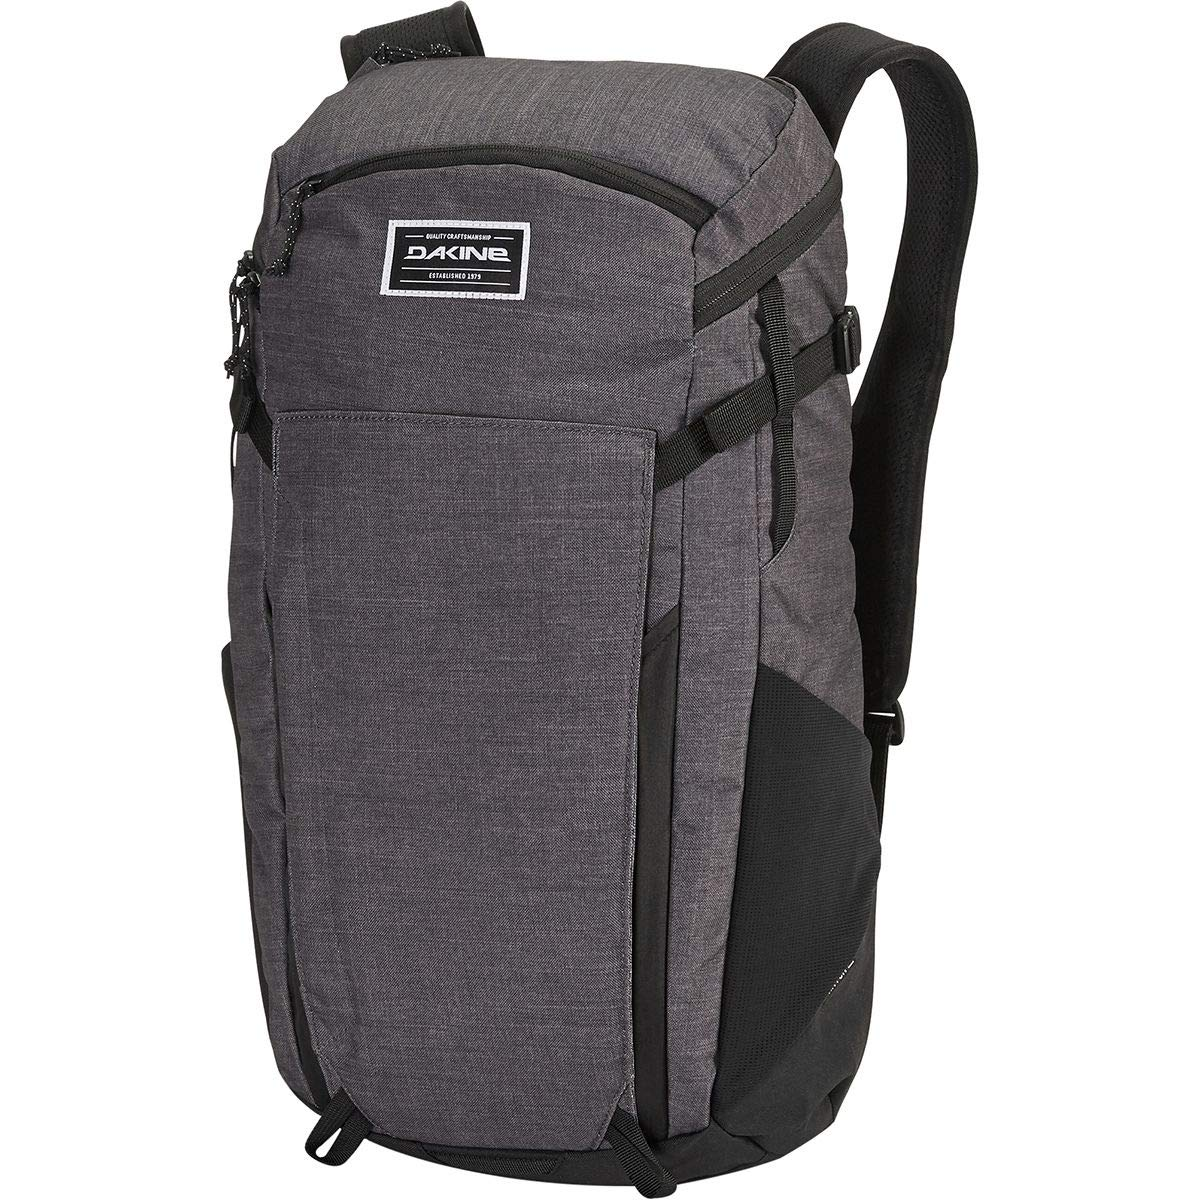 [ダカイン] メンズ バックパックリュックサック Canyon 24L Backpack [並行輸入品] No-Size  B07QNK534J